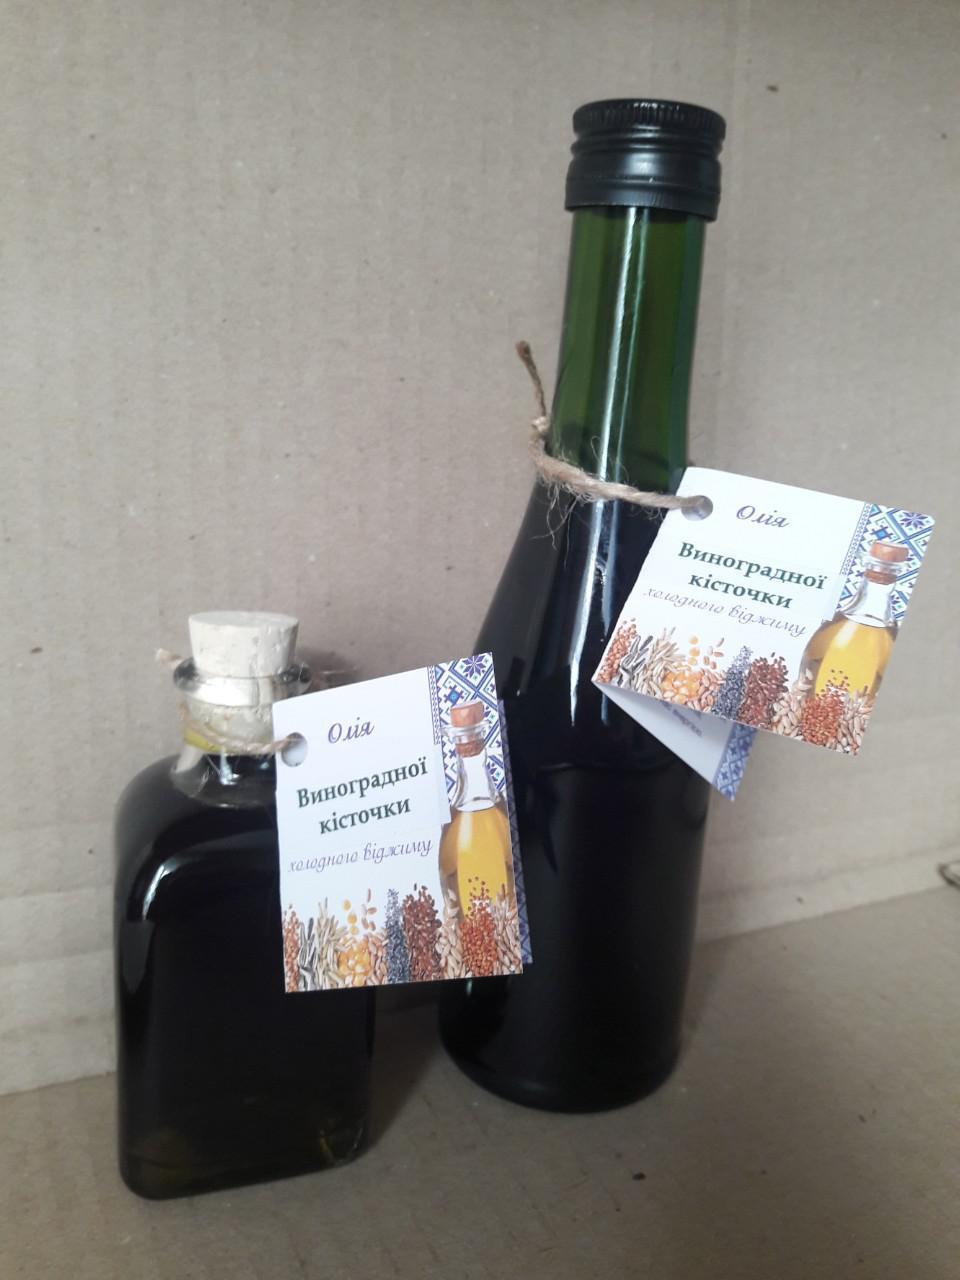 Олія виноградної кісточки 100 мл